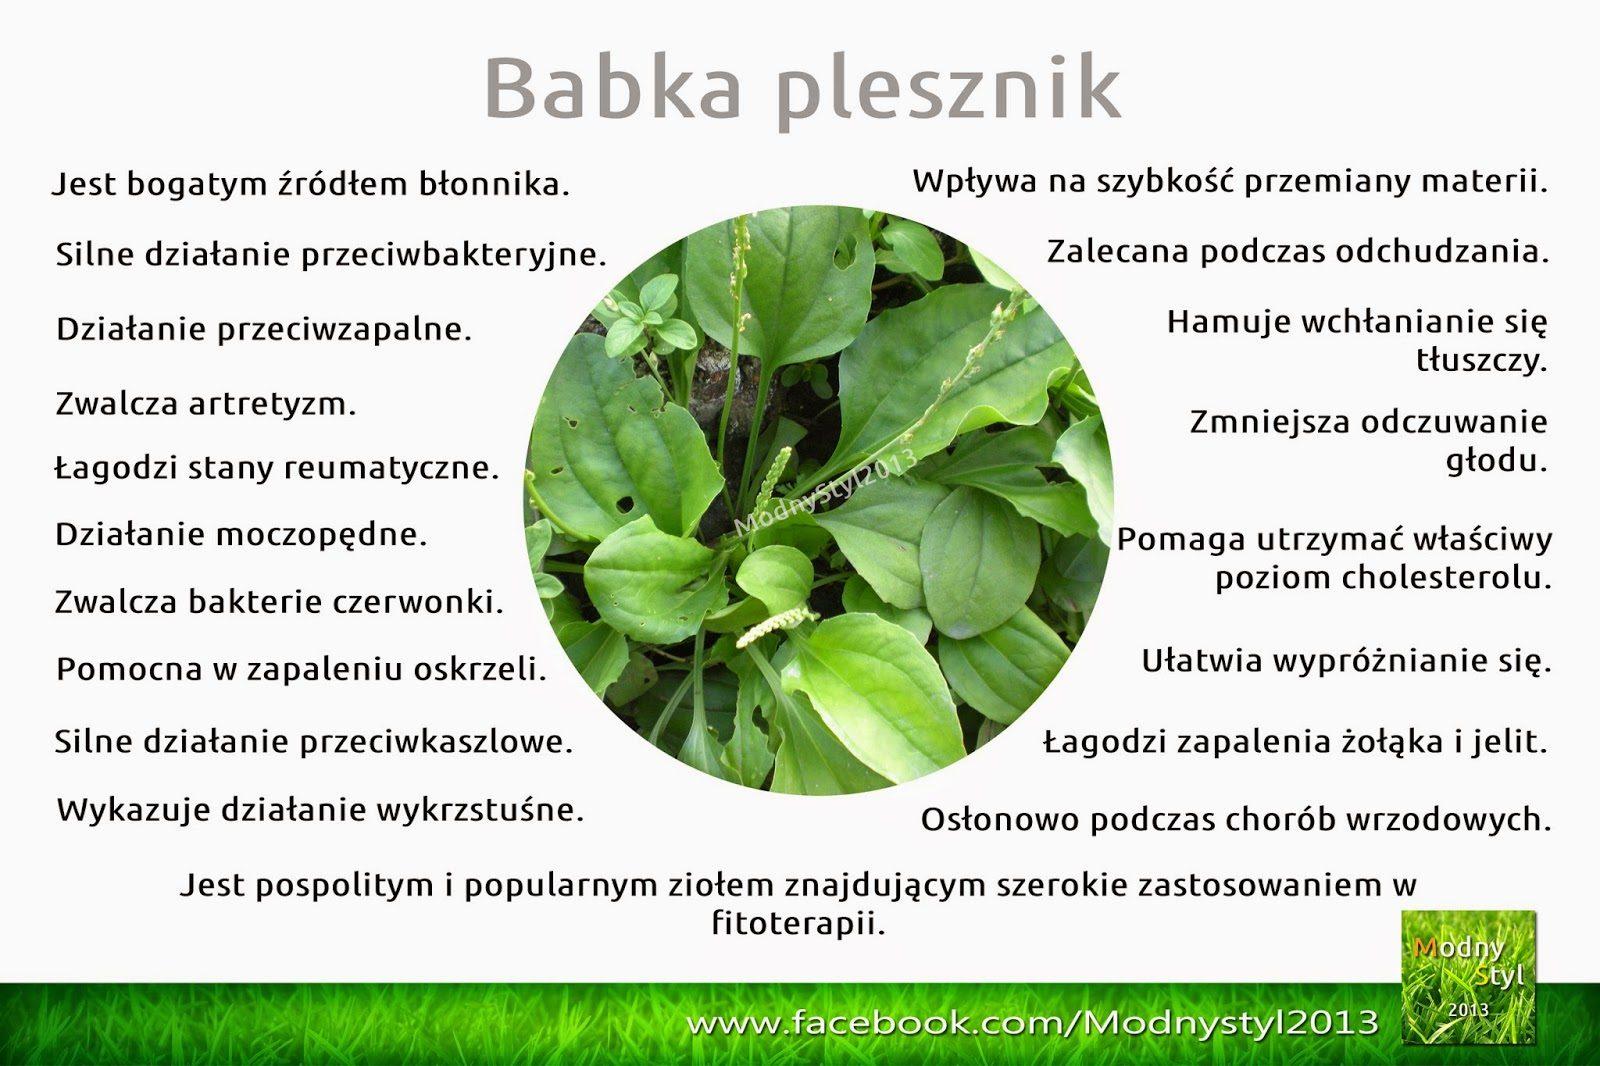 babka2bplesznik-2314629